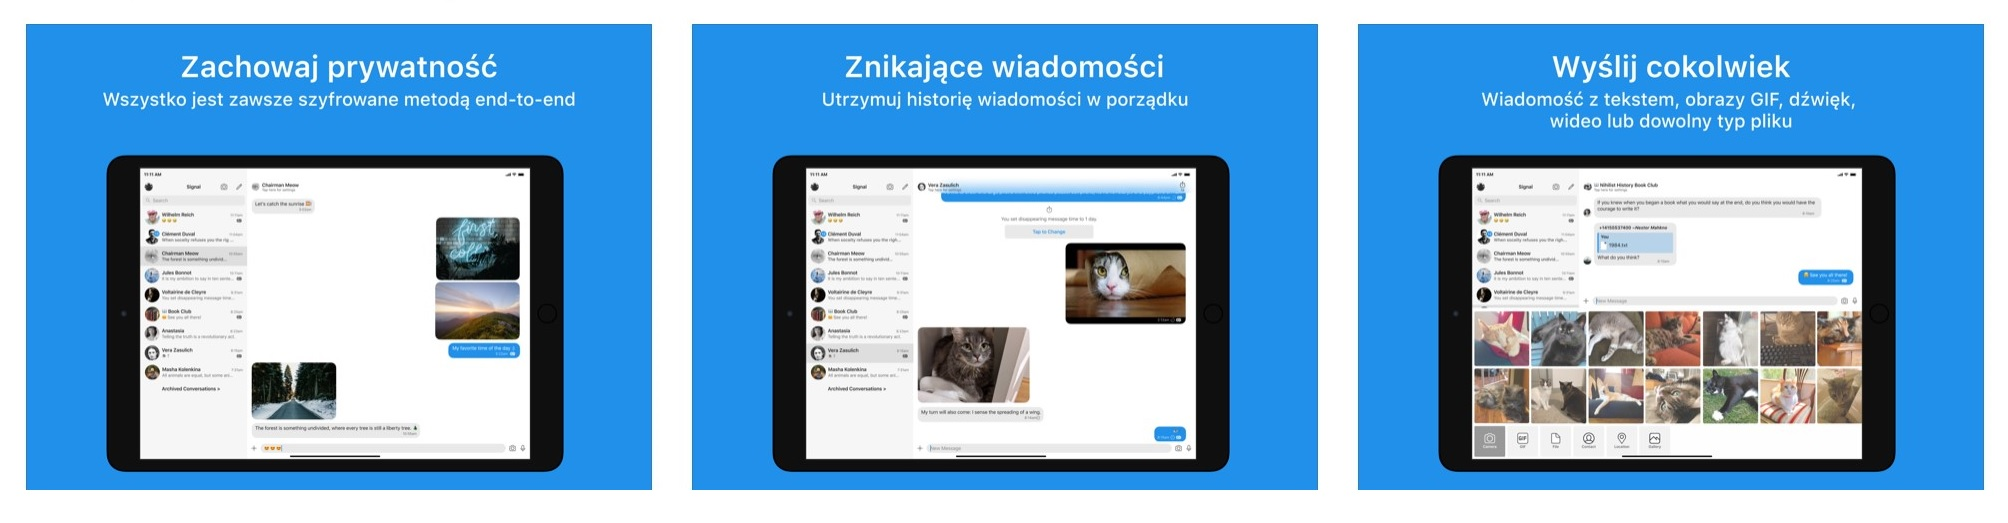 Bezpieczny komunikator Signal dostaje specjalną wersję na iPady 23